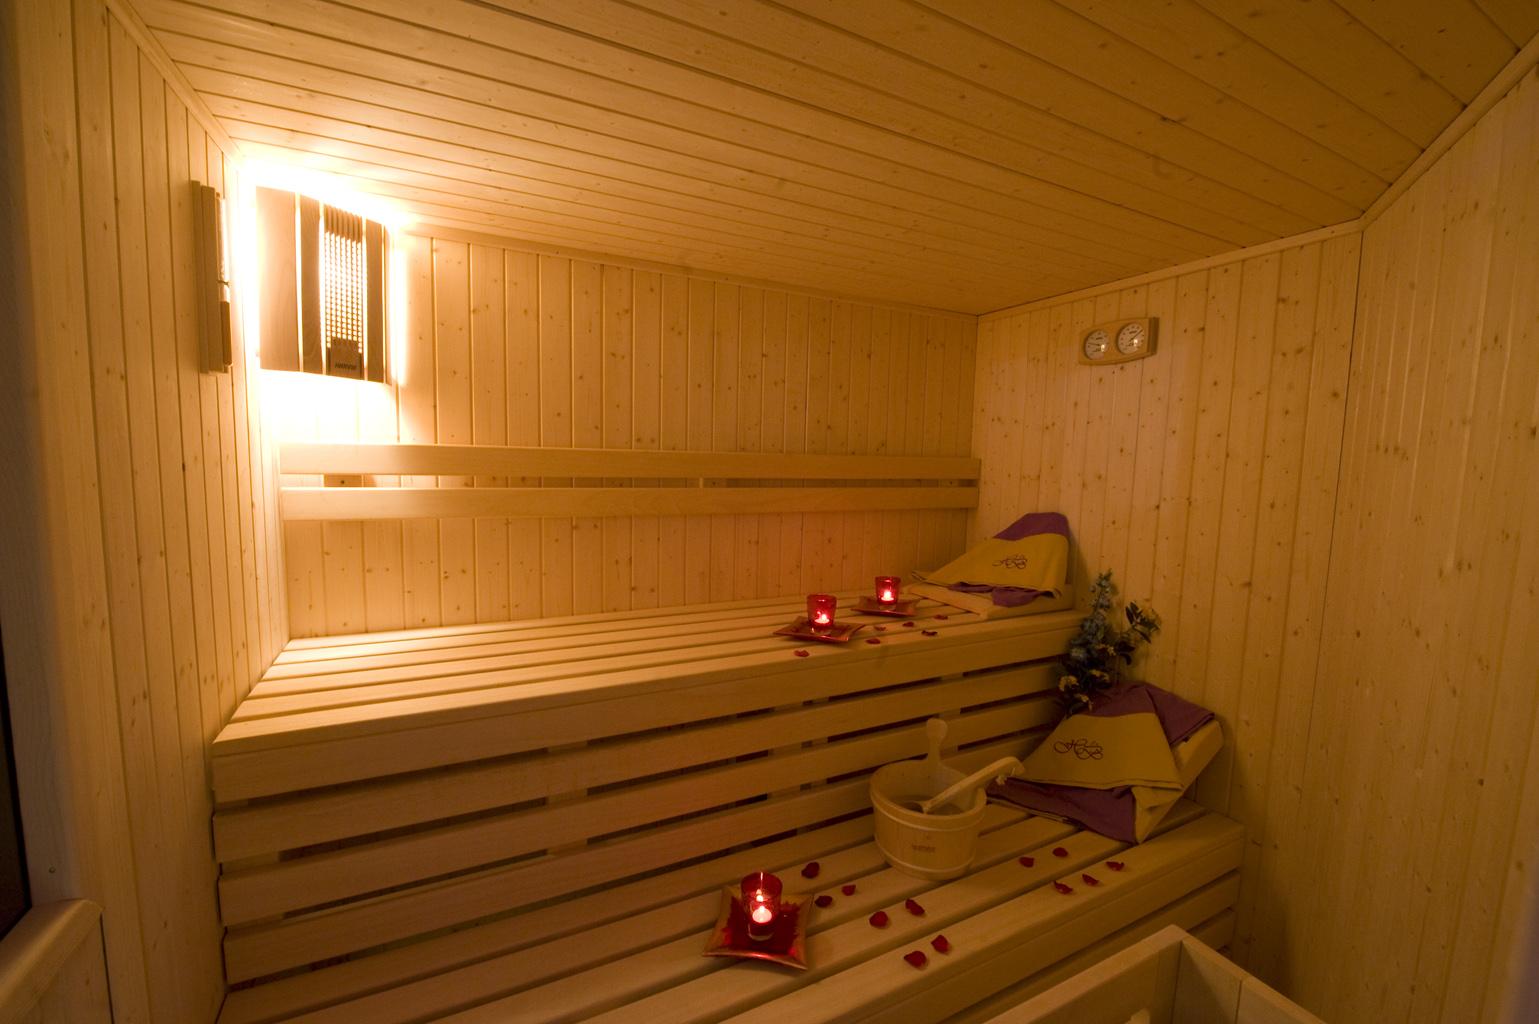 Quanto costa fare sauna finlandese in Italia